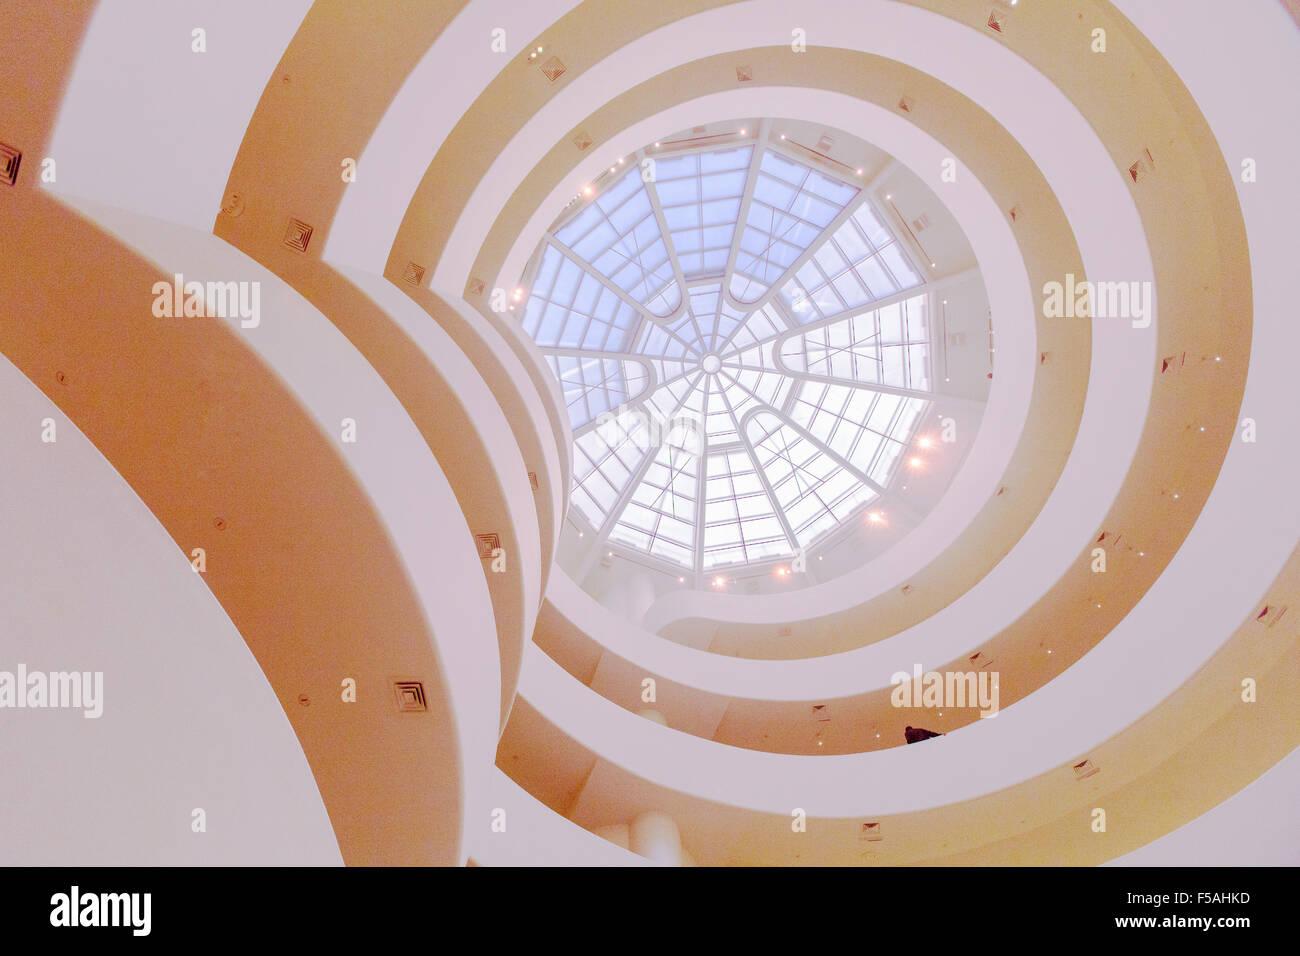 Il Guggenheim Museum di New York City, Stati Uniti d'America. Progettato da Frank Lloyd Wright. Immagini Stock